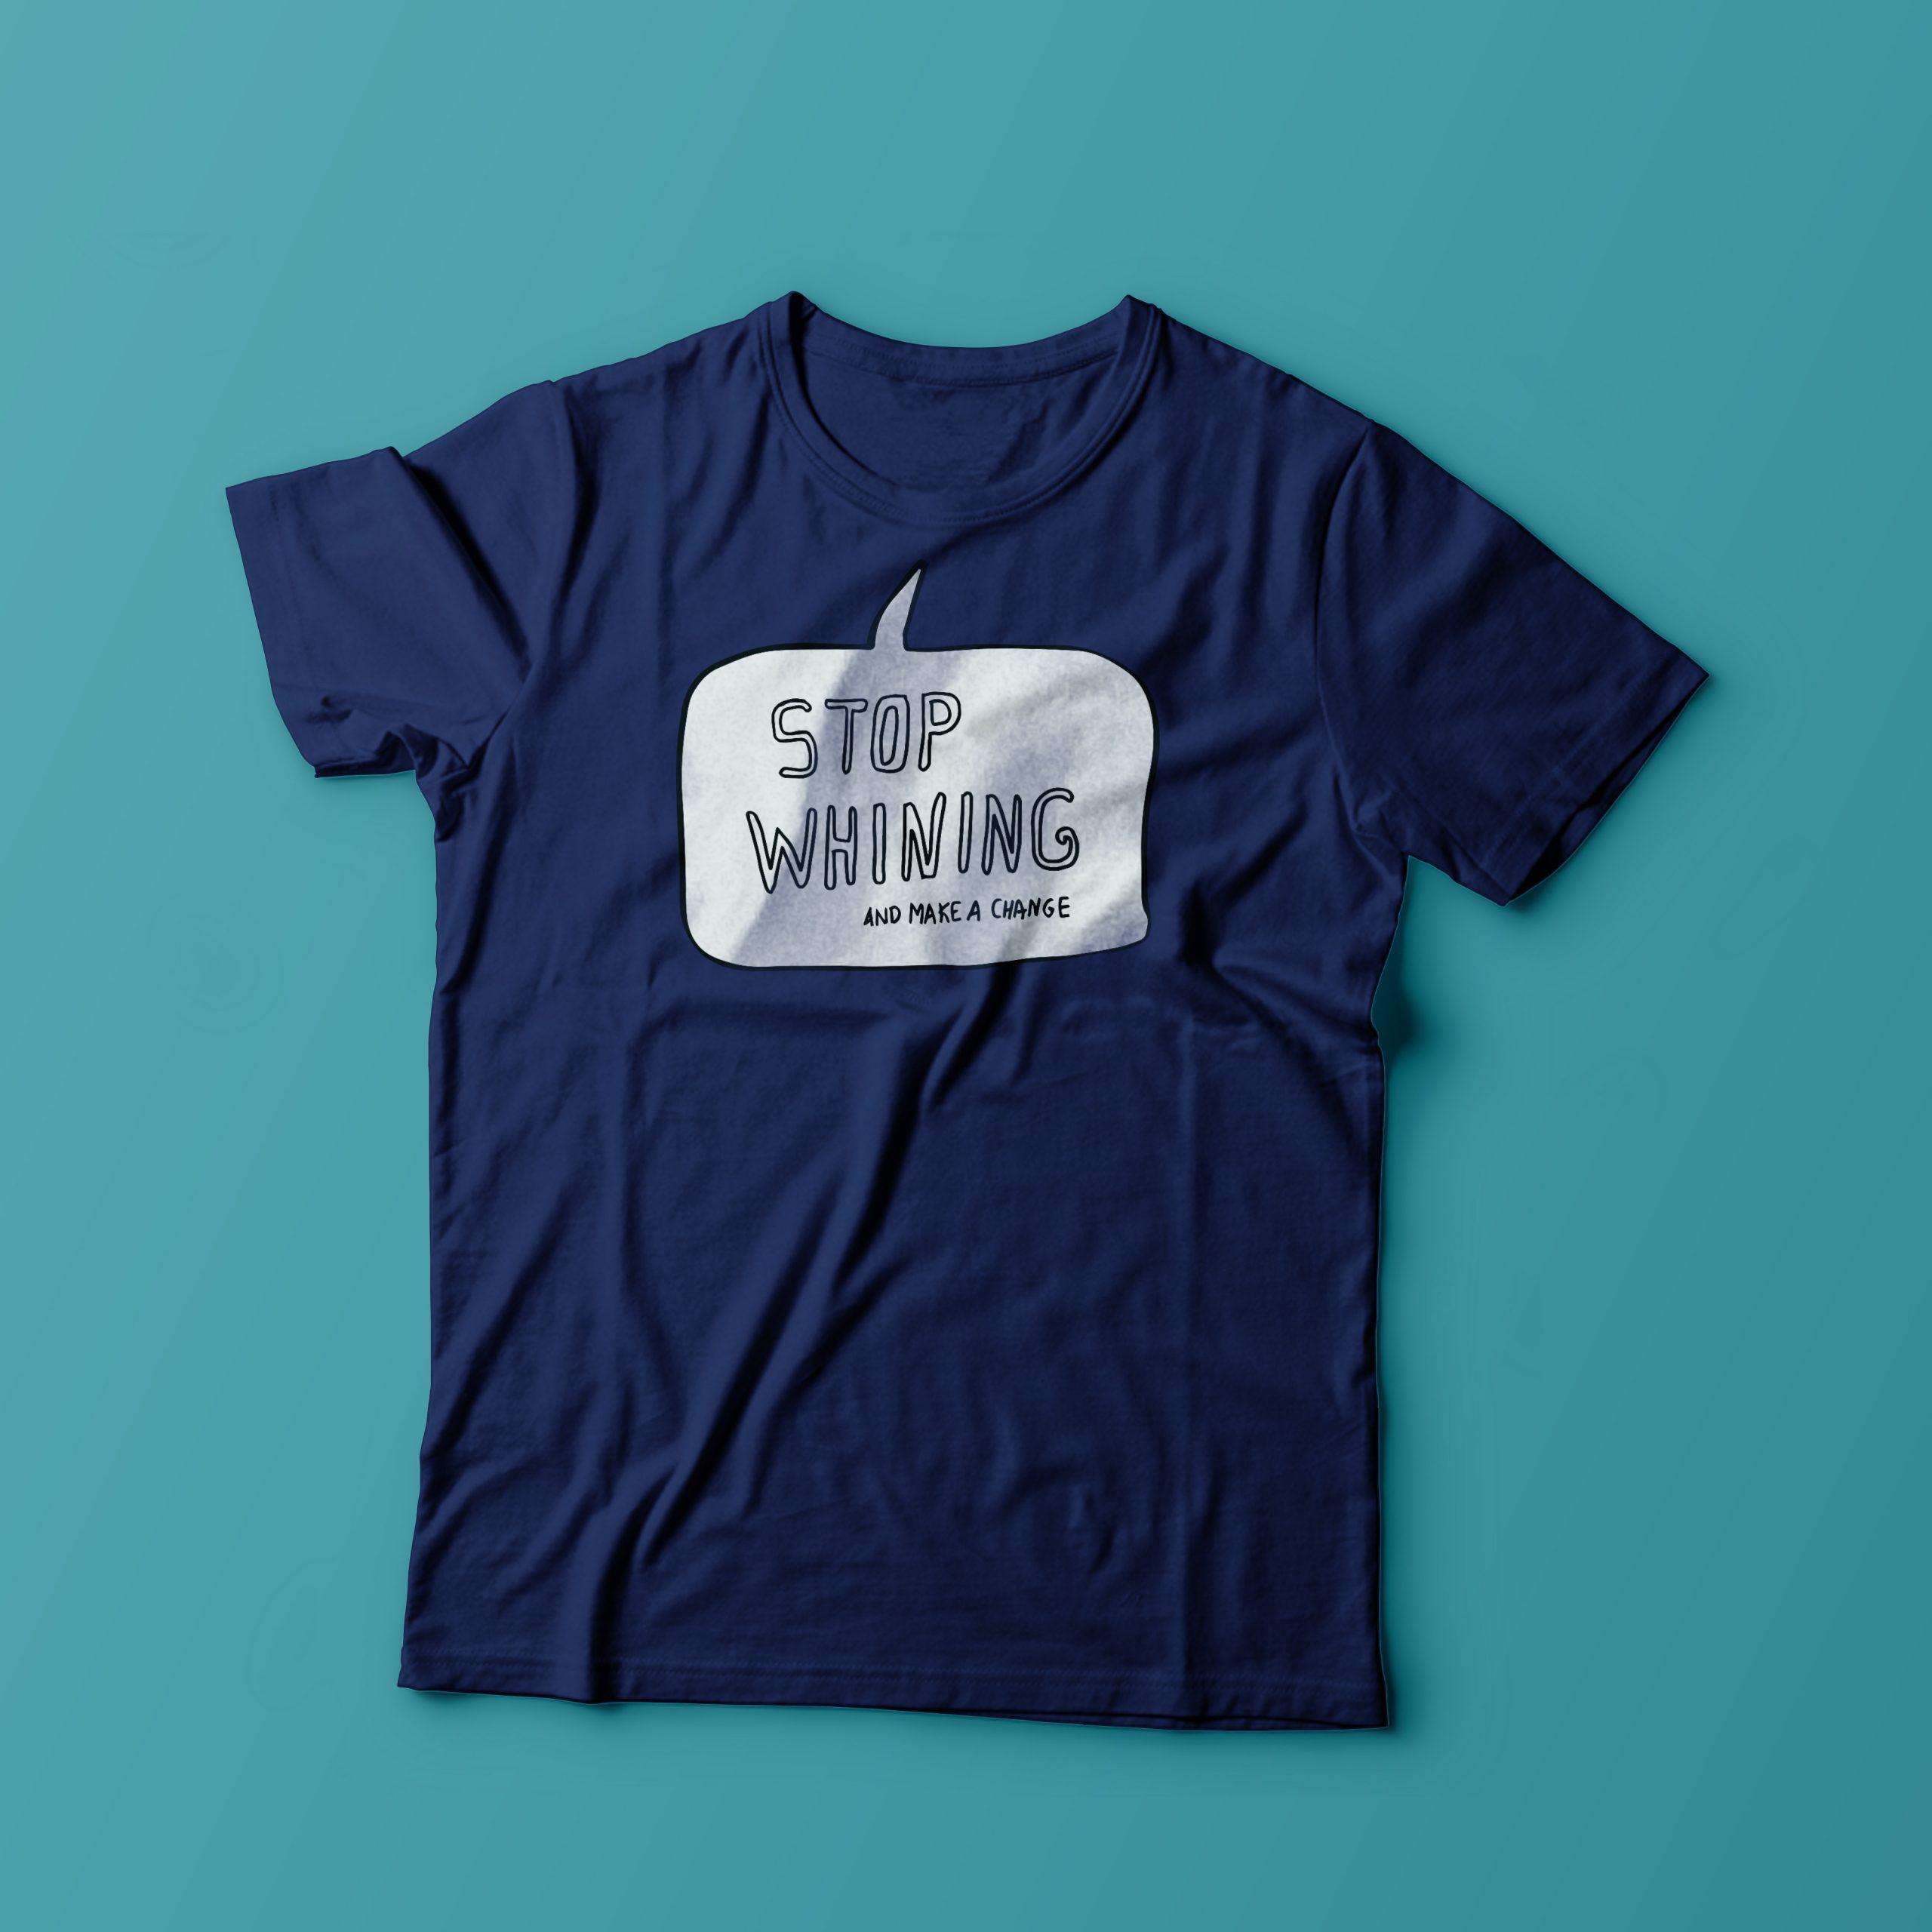 https://imaginarythinking.net/wp-content/uploads/2018/09/StopWhiningTshirt-scaled.jpg